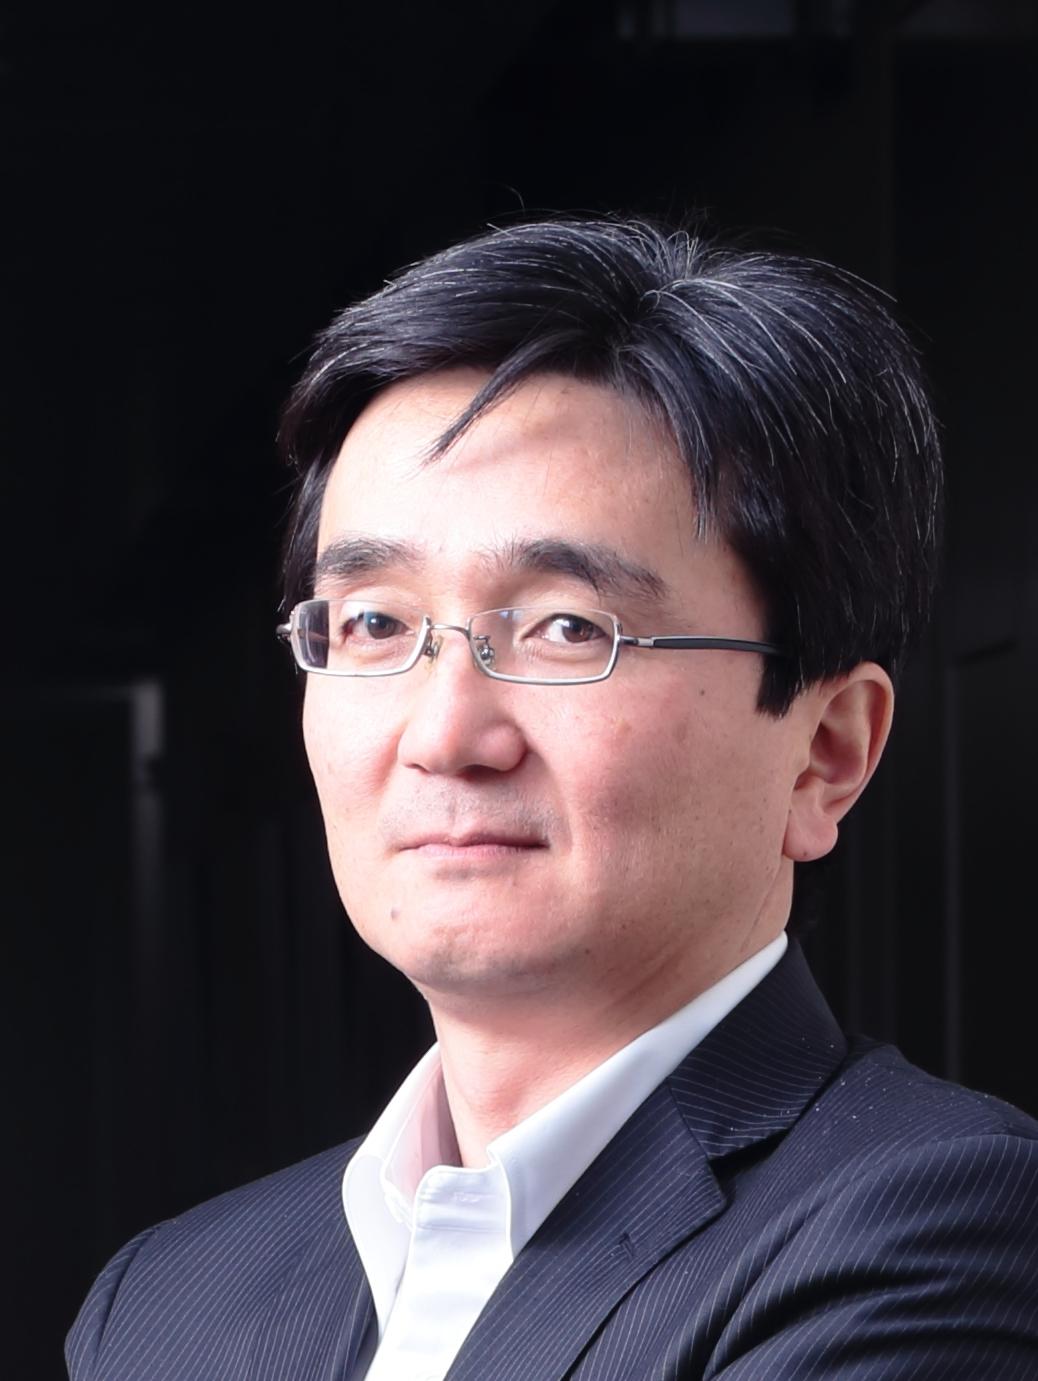 東京大学先端科学技術研究センター 教授 森川博之 氏